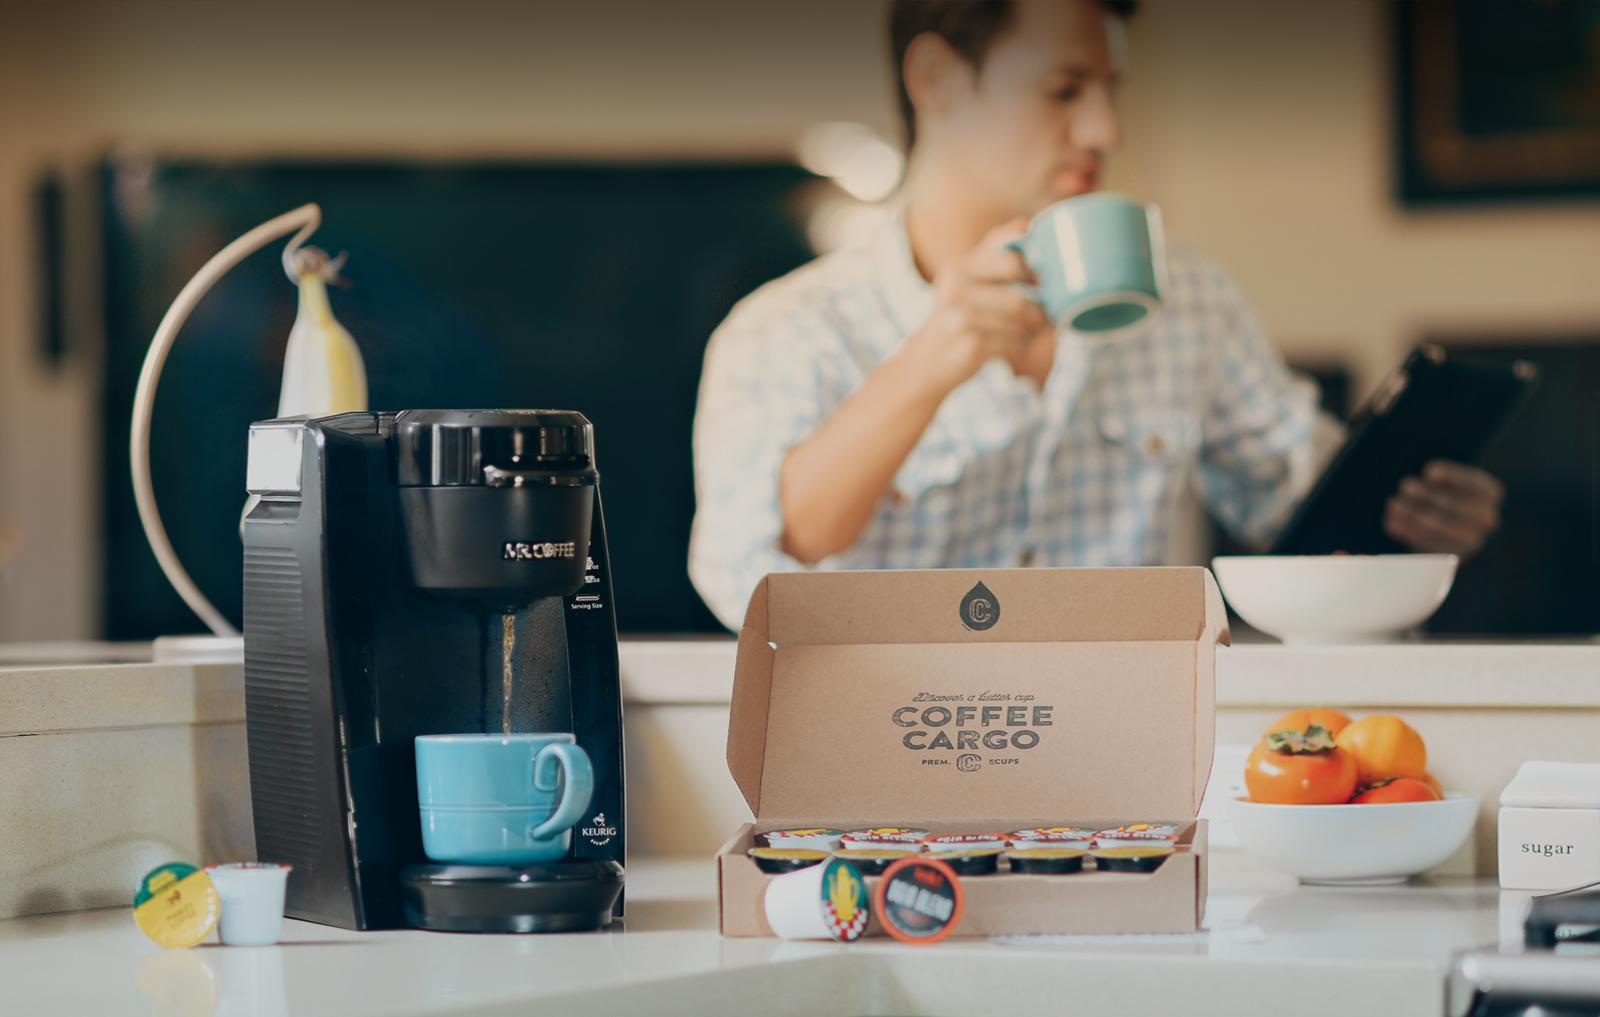 Pudełko subskrypcyjne, czarny ekspres do kawy, w tle mężczyzna z kubkiem